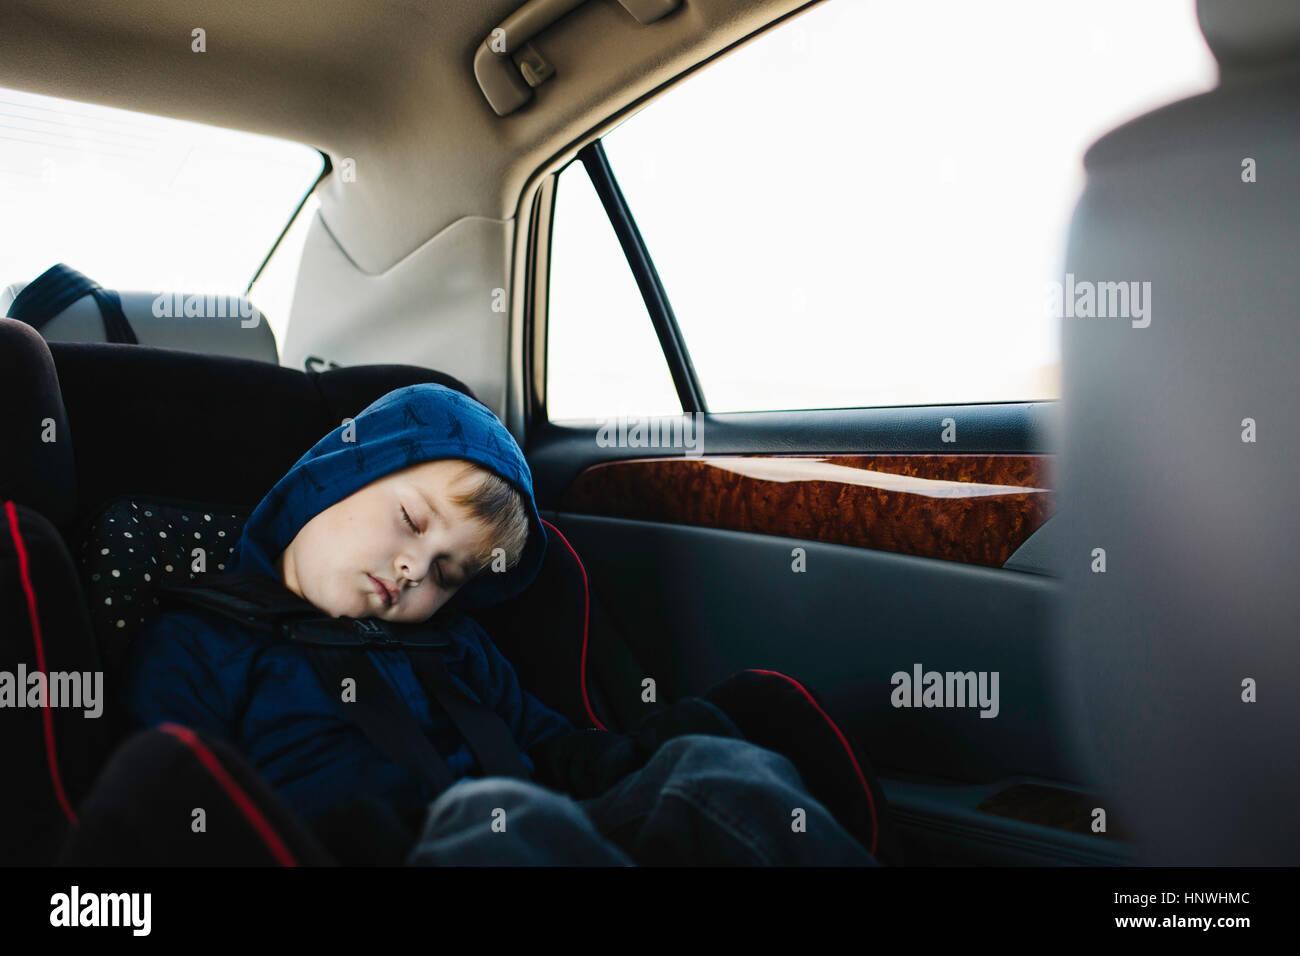 Giovane ragazzo dormire nel sedile posteriore della macchina Immagini Stock